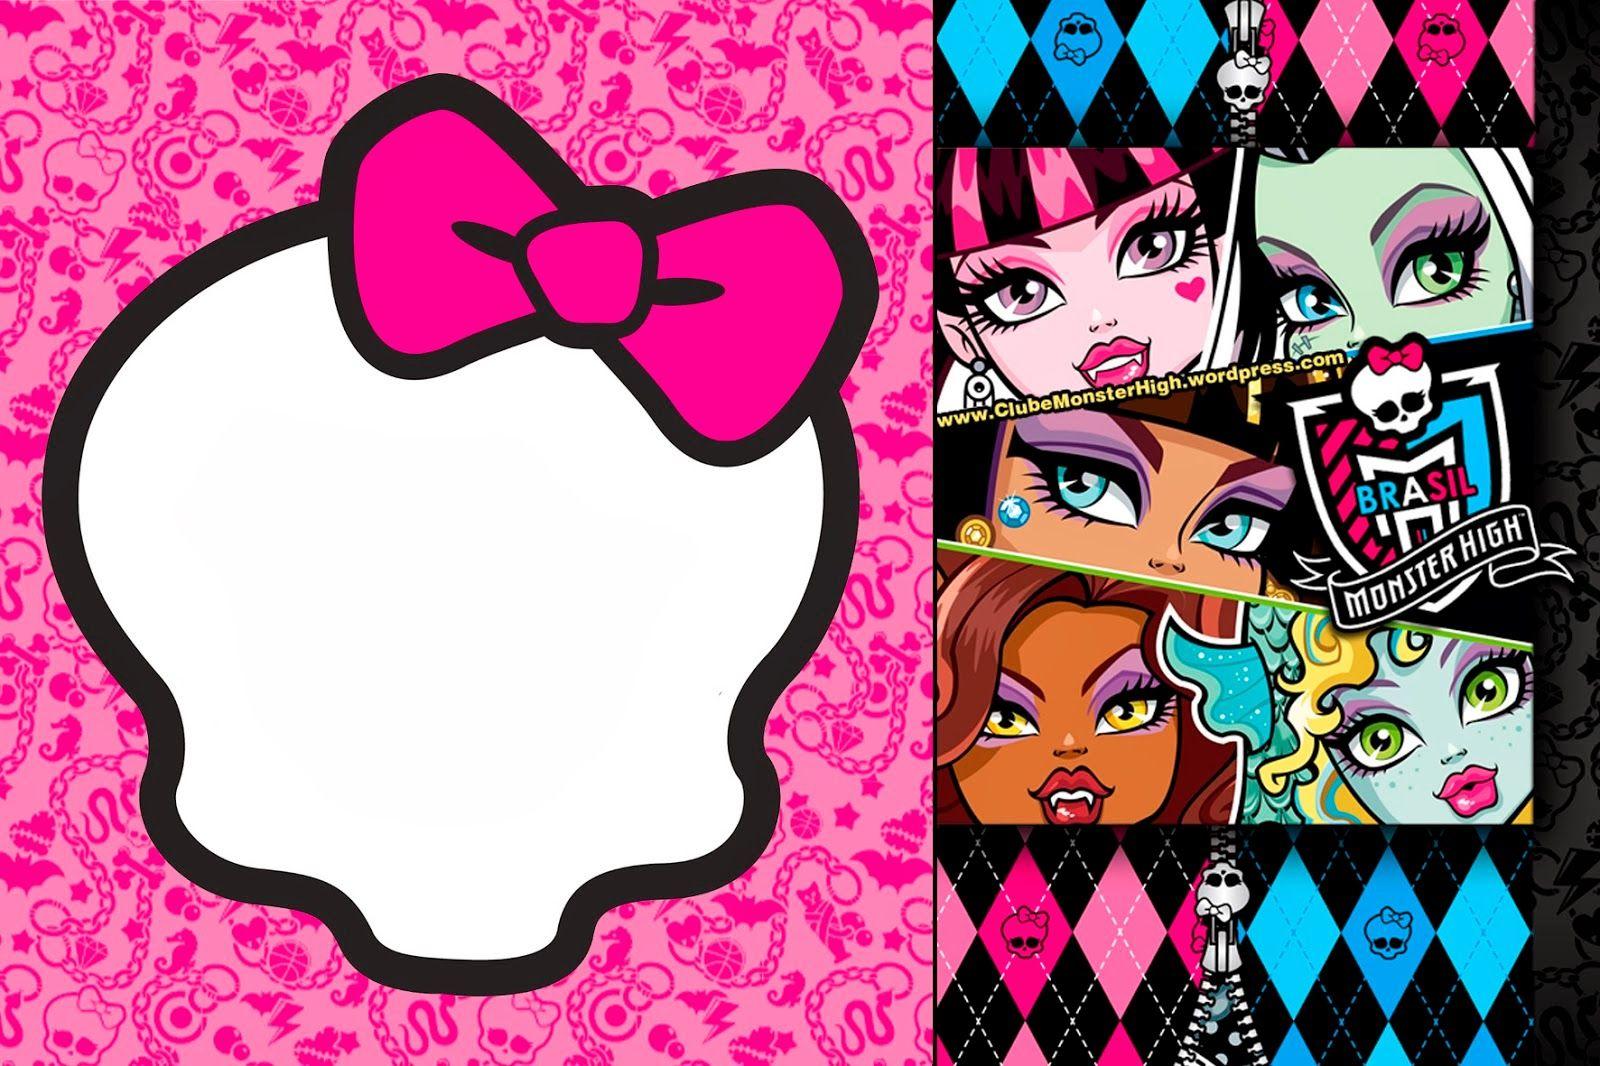 Monster High Invitations On Pinterest Monster High